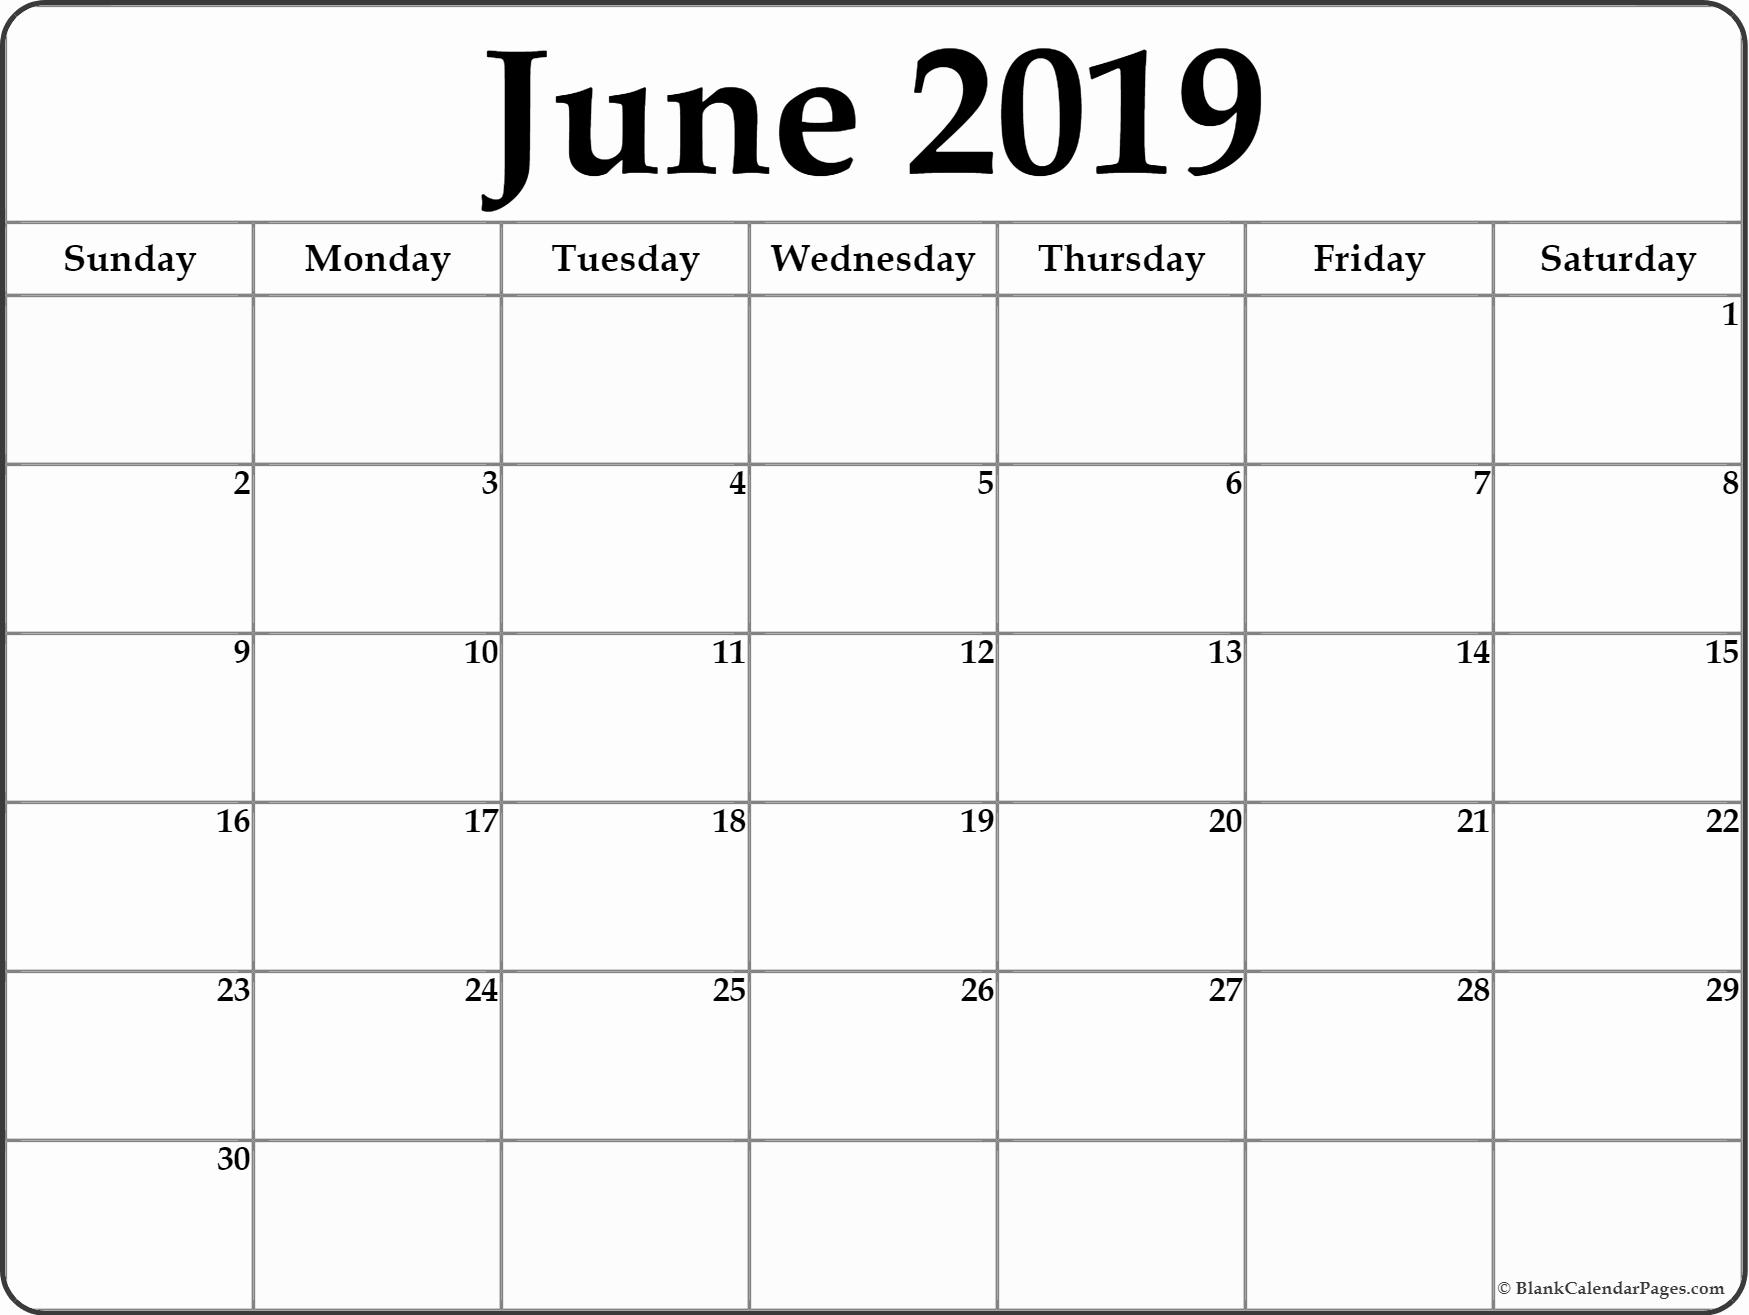 June Printable Calendar 2019 Word June 2019 Calendar Printable Calendar 2019 Word